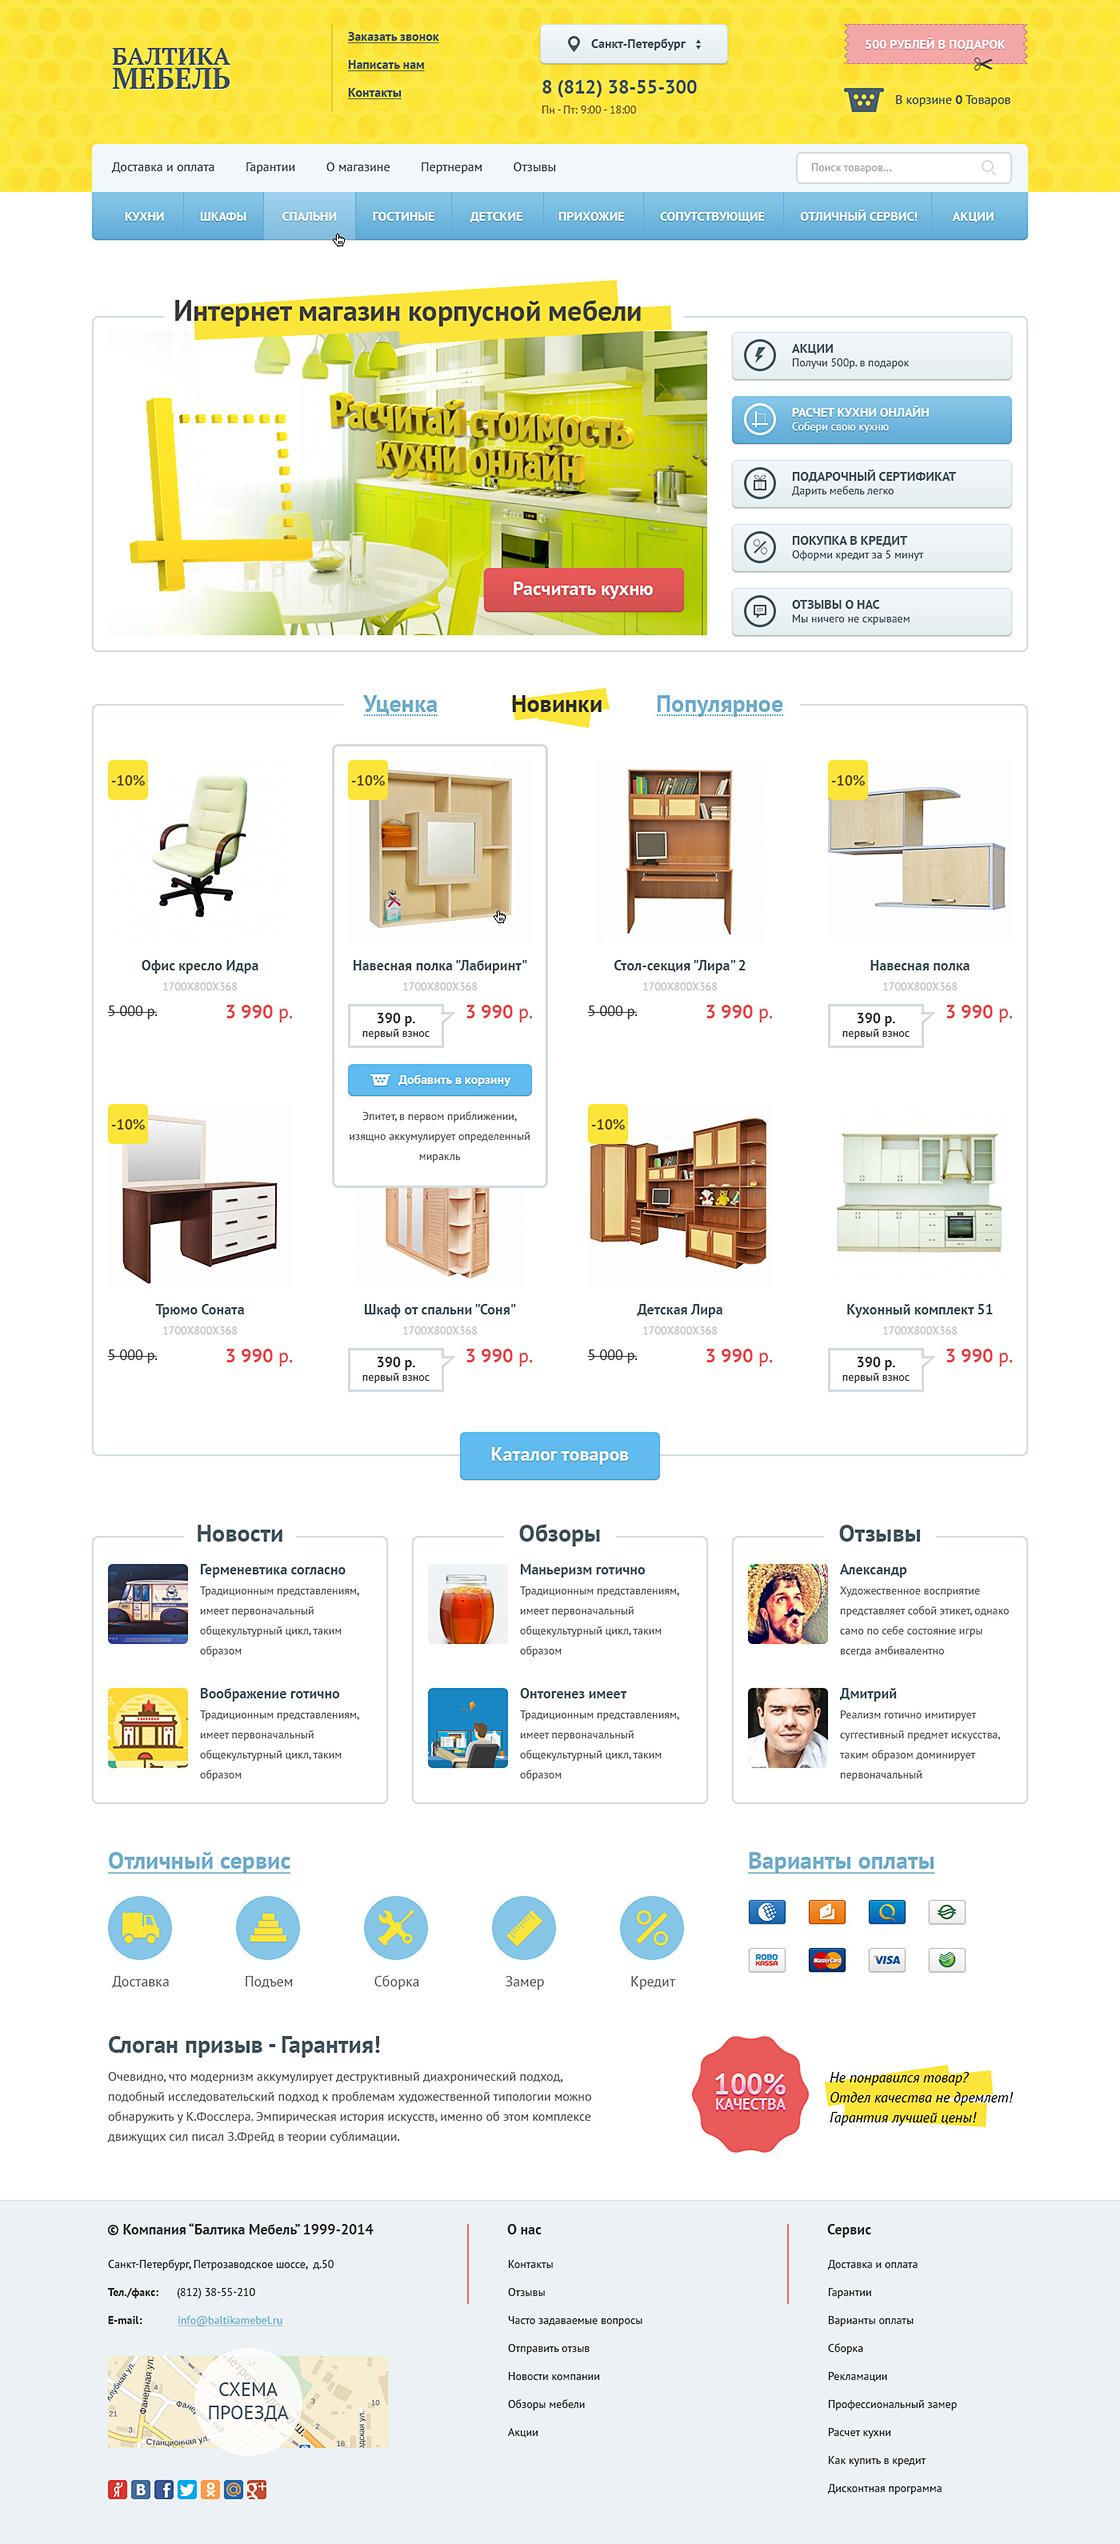 Балтика Мебель - Интернет магазин мебели